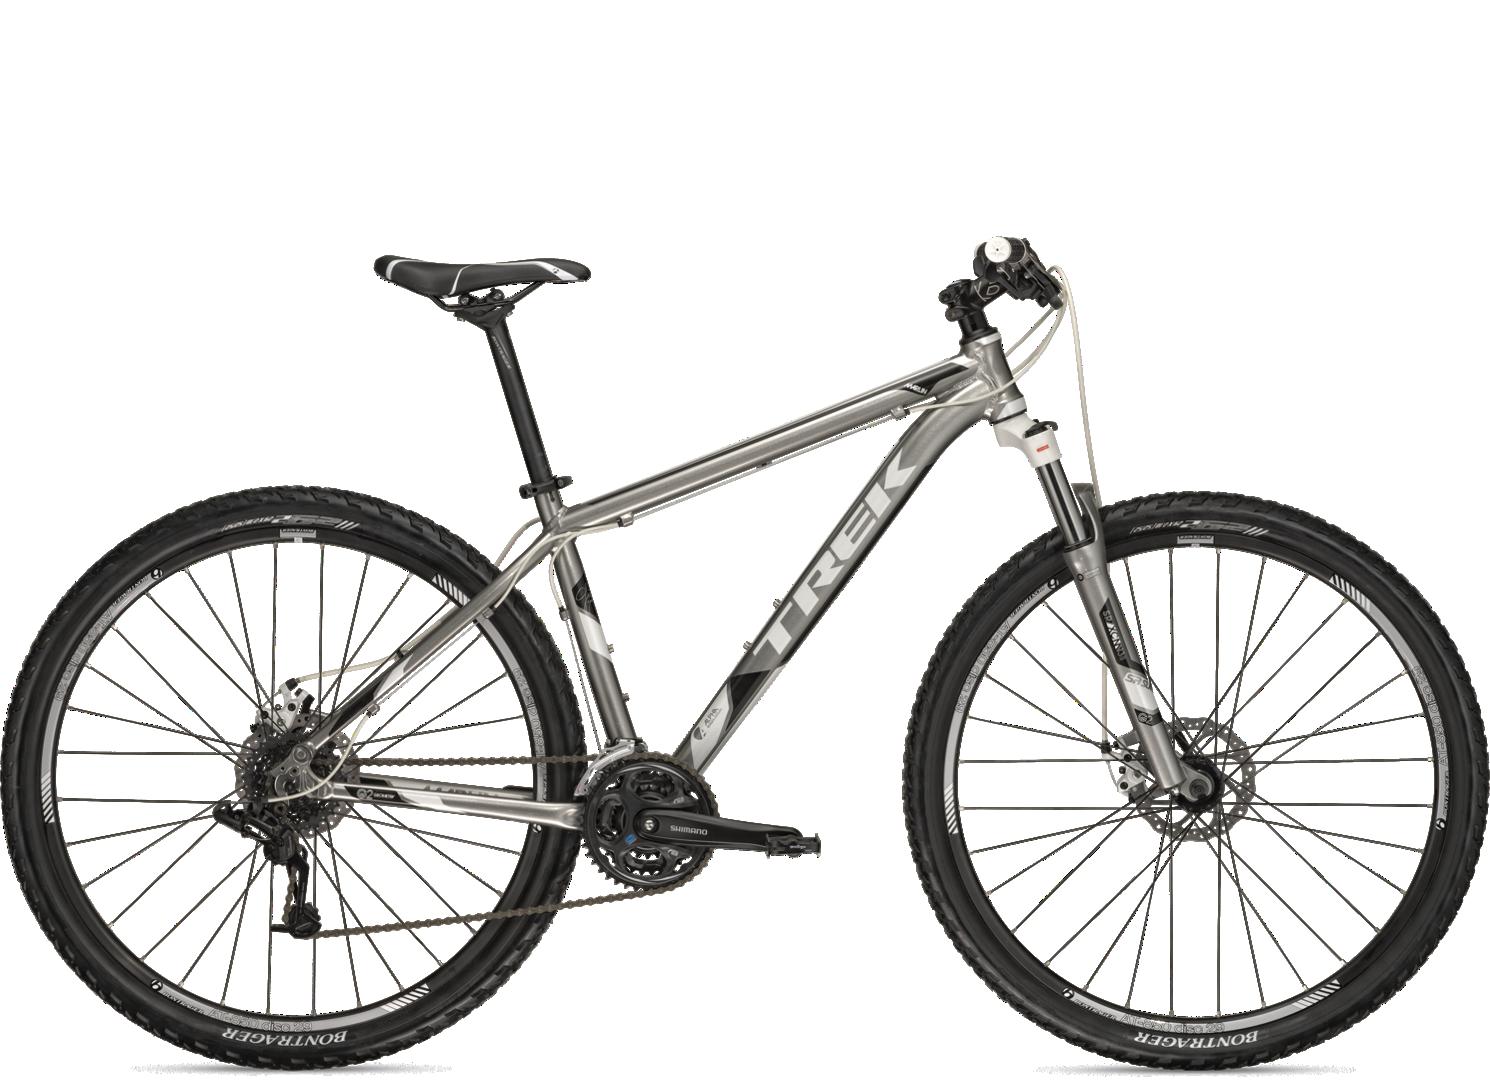 image of stolen bike